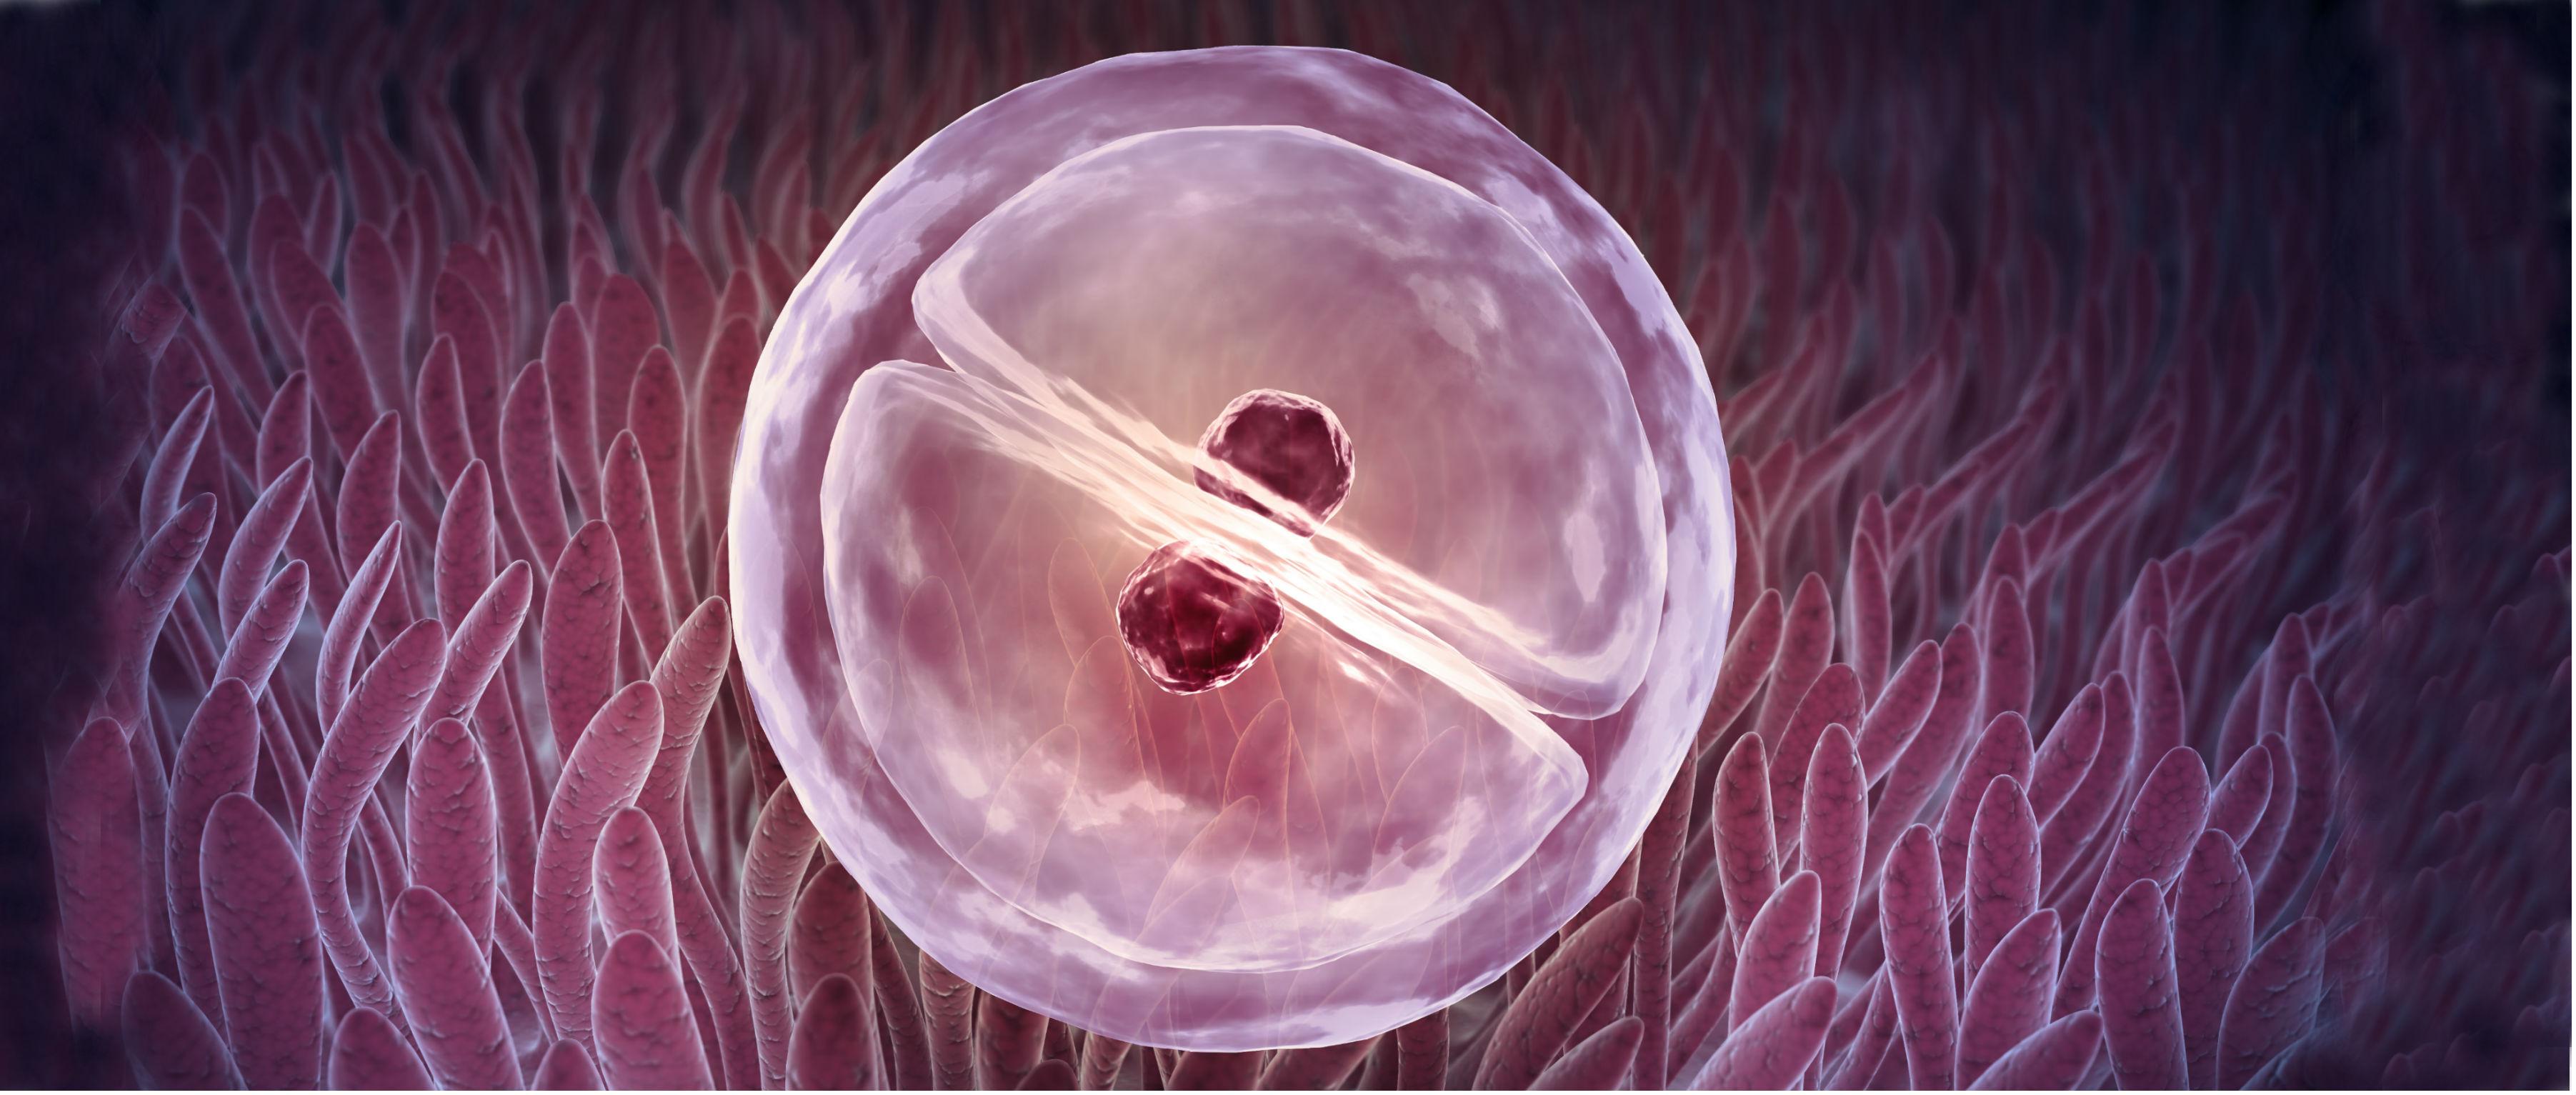 El debate que se viene: qué hacer con los embriones congelados